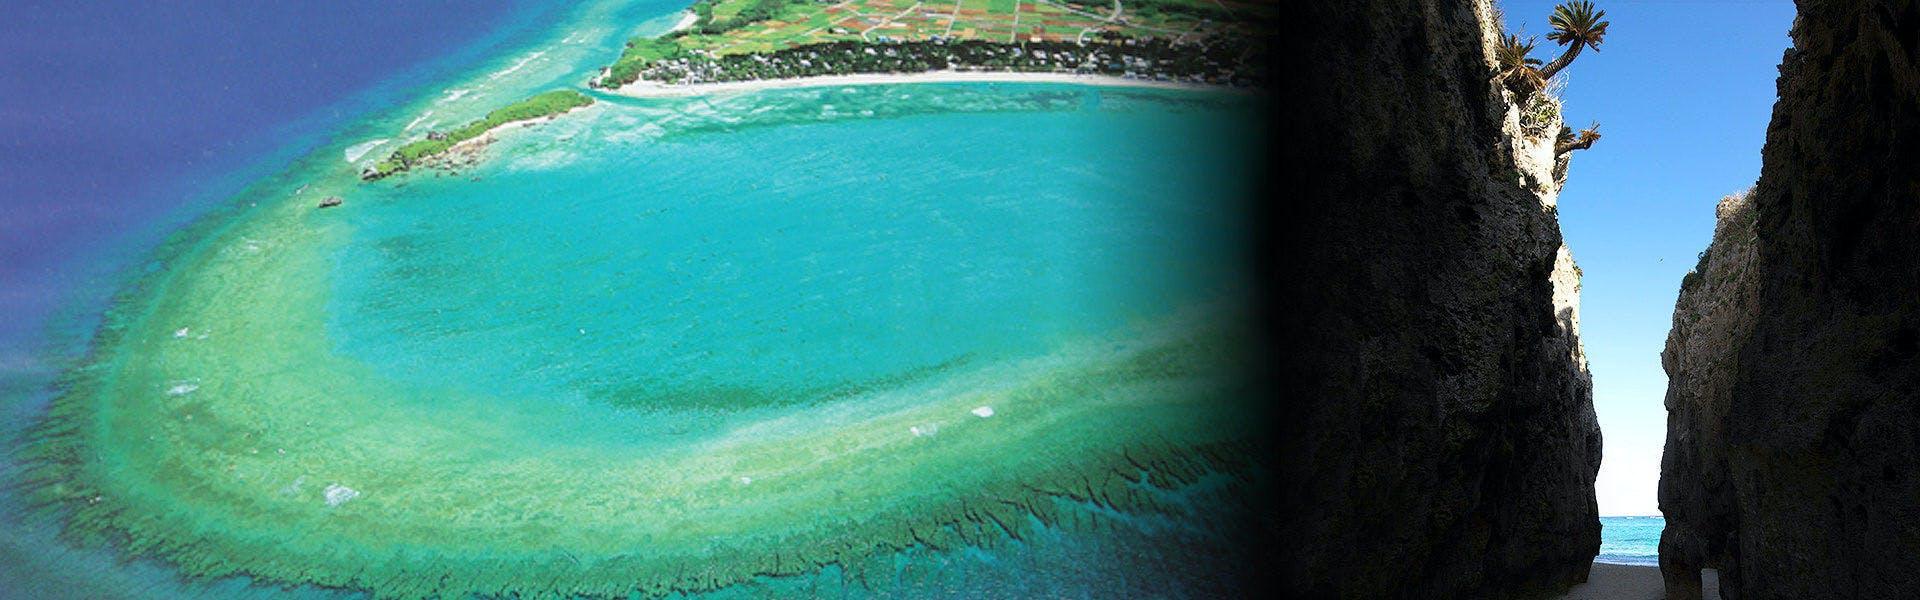 備瀬の珊瑚礁リーフ